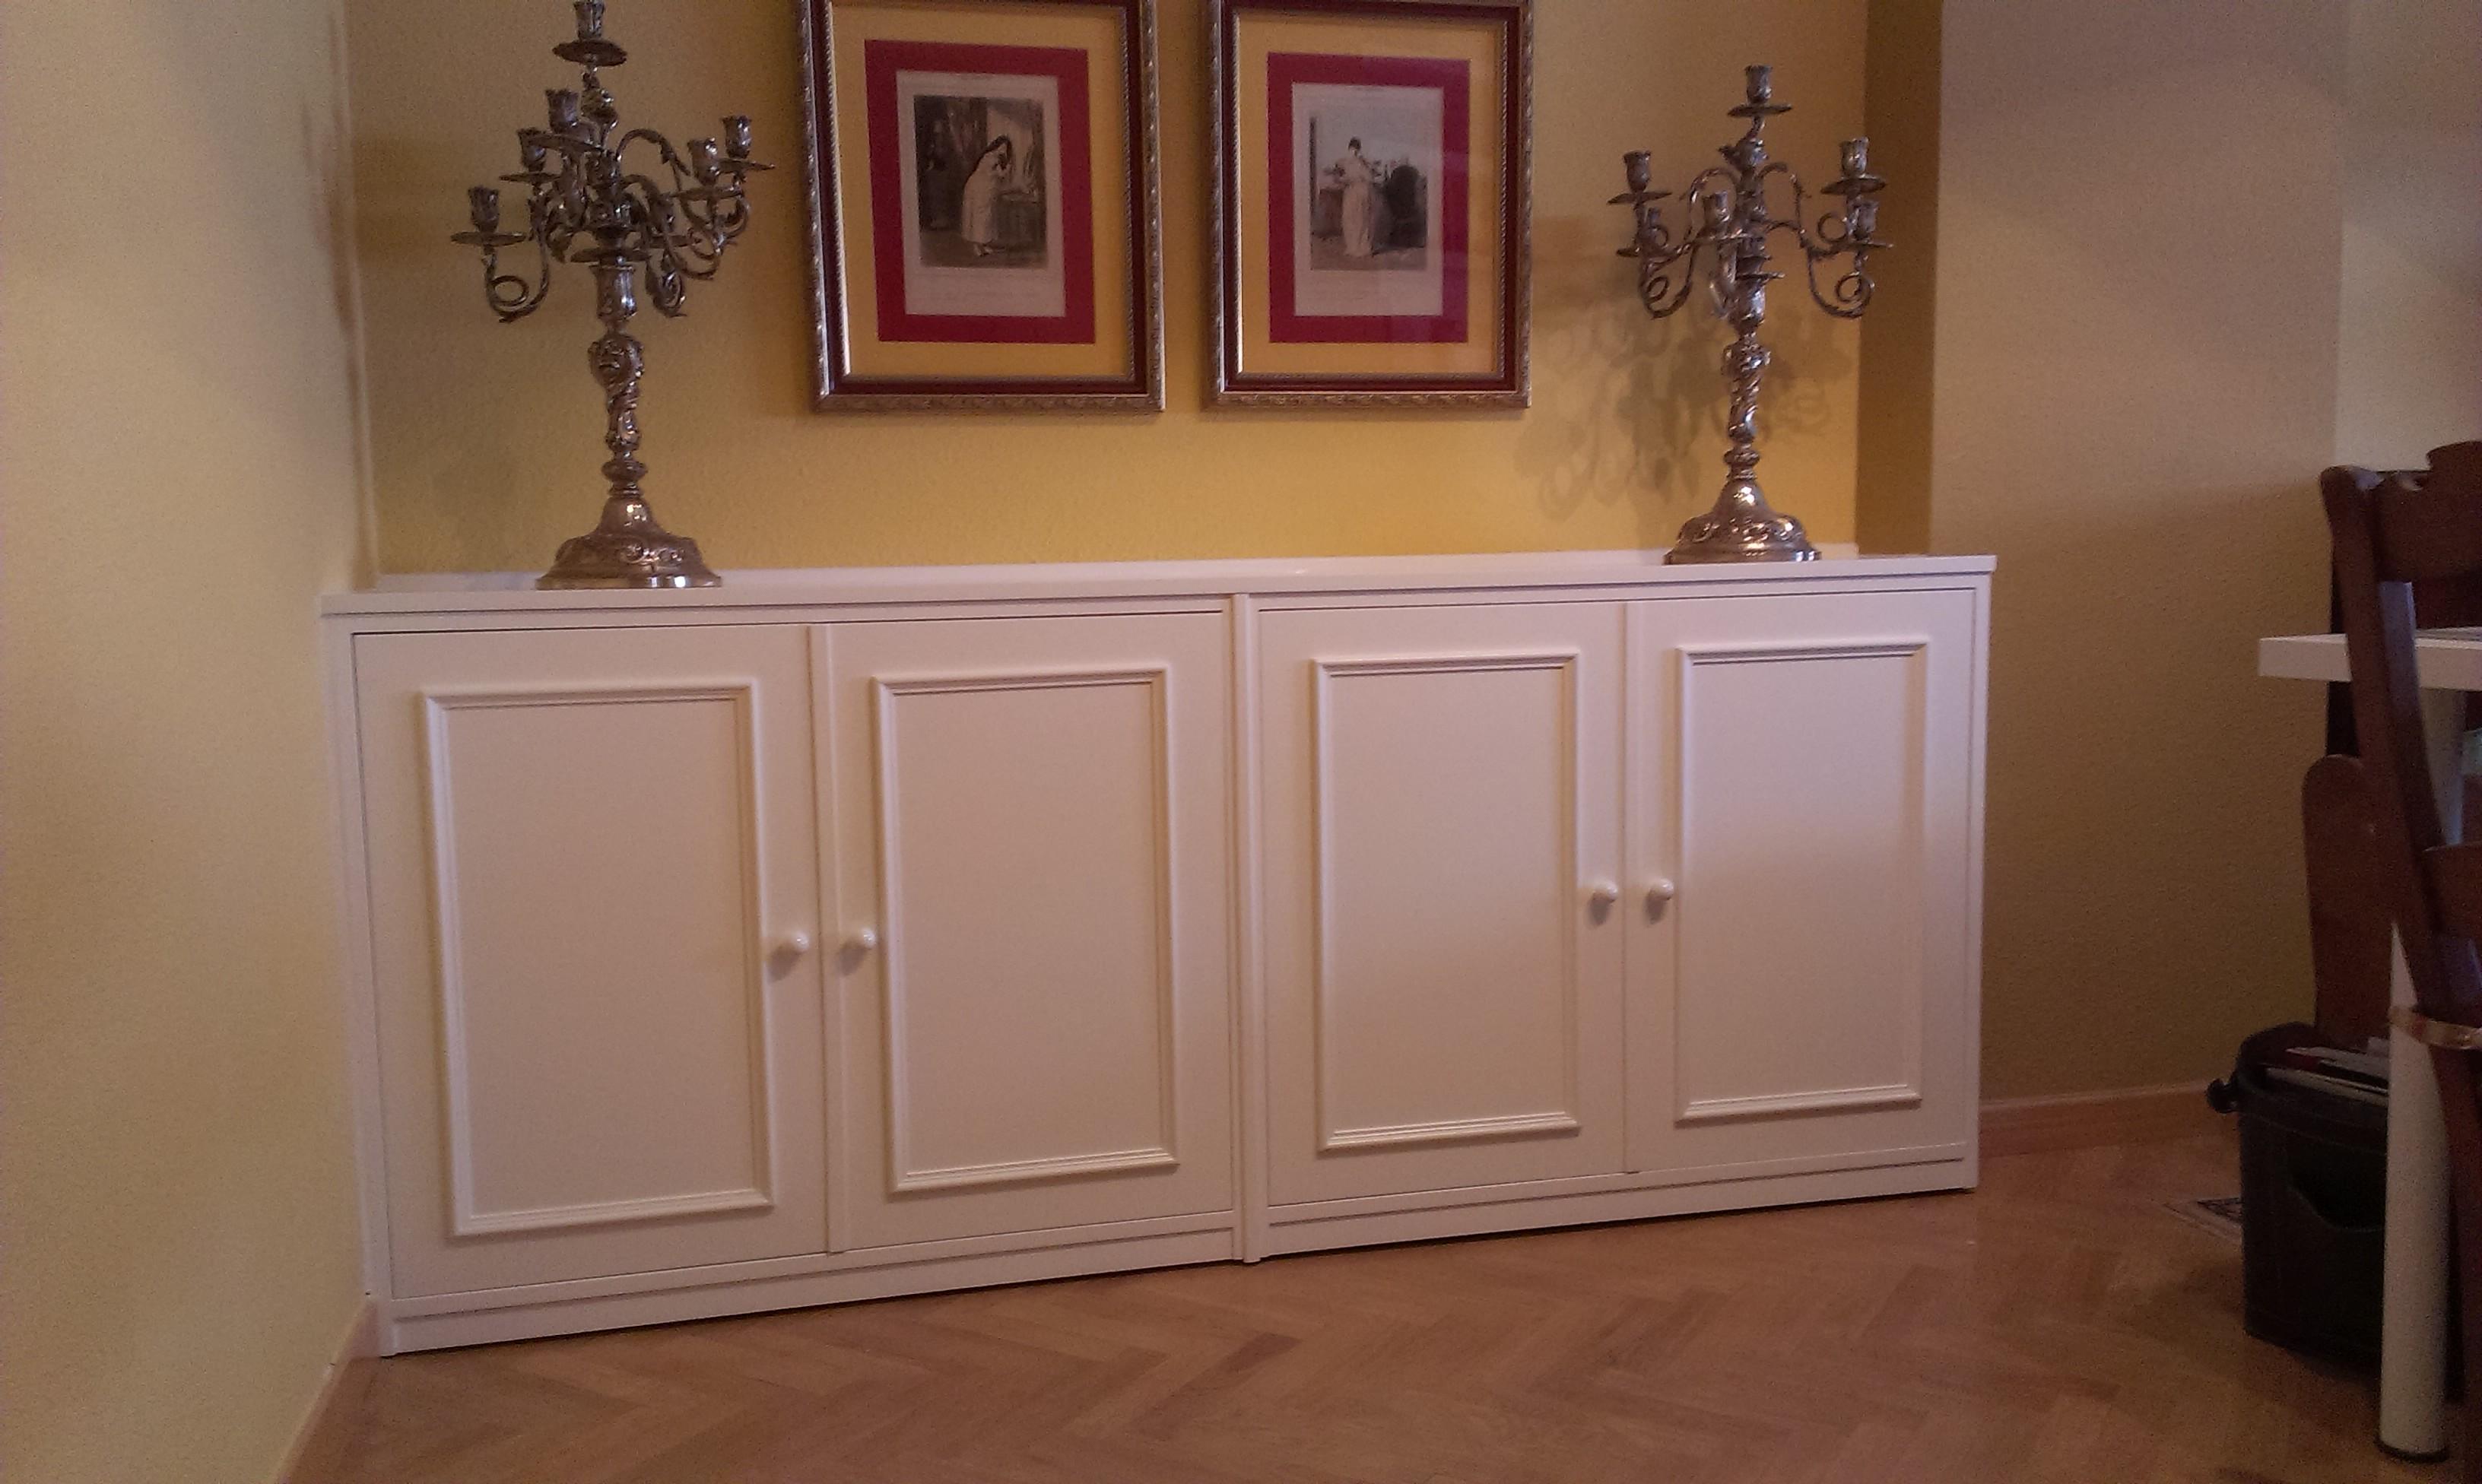 Mueble lacado blanco para sal n for Mueble salon lacado blanco